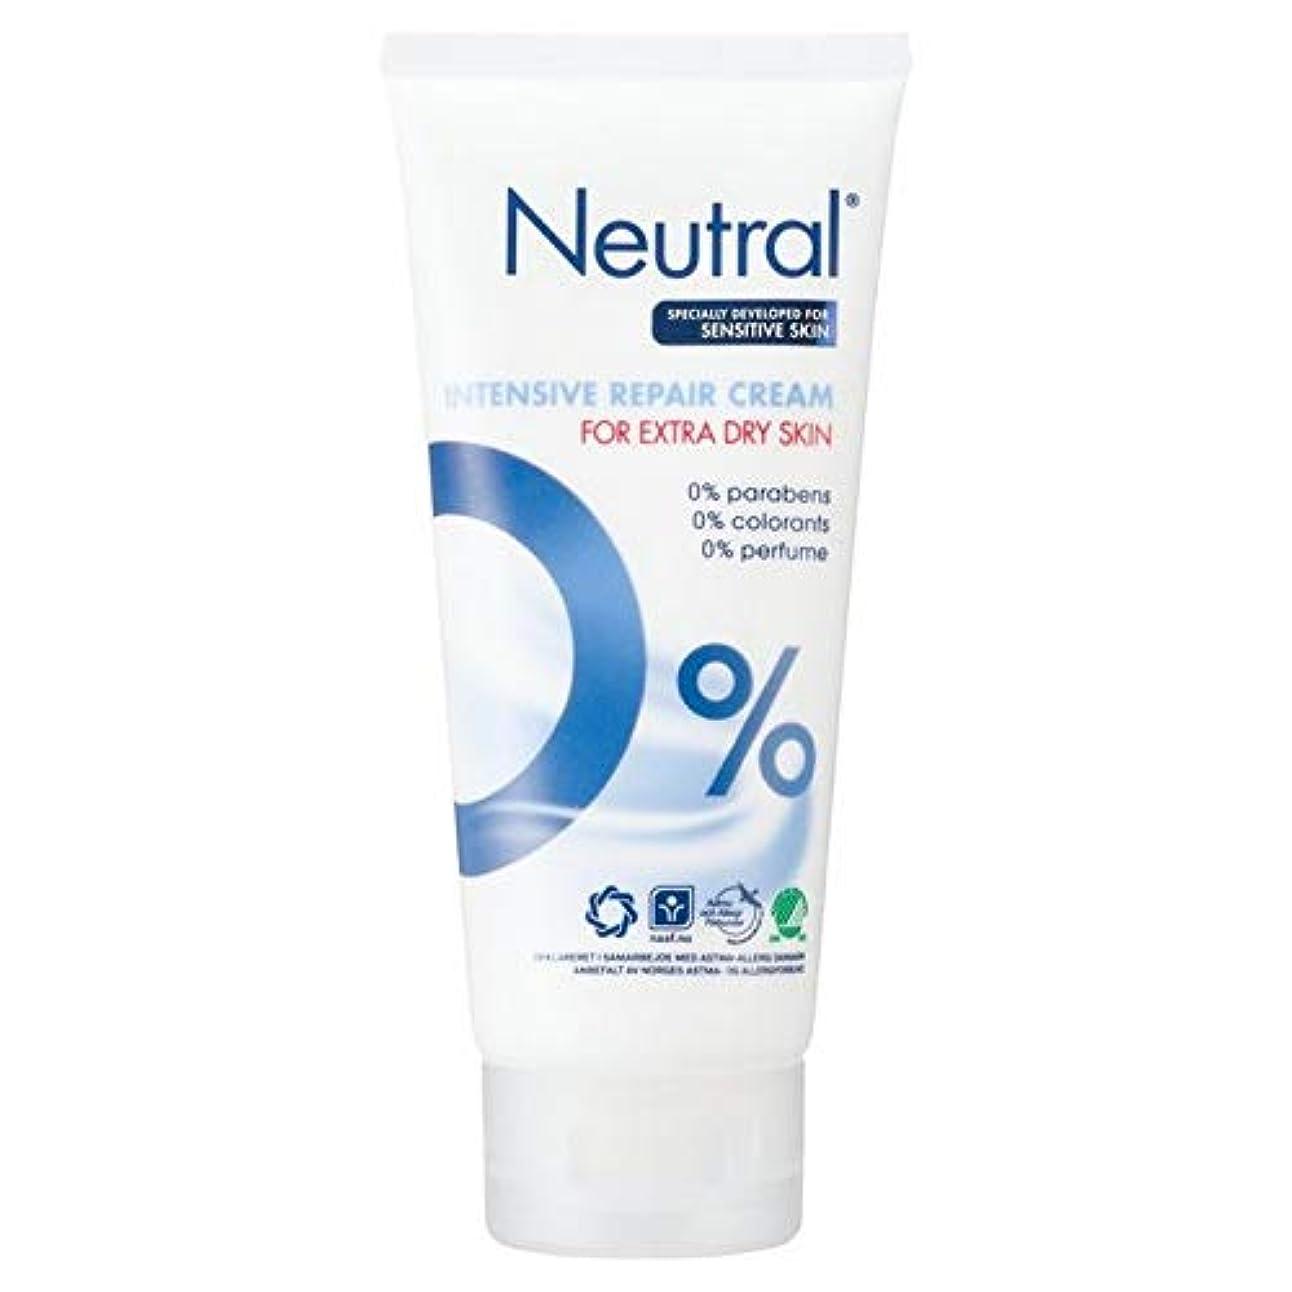 妻文法送料[Neutral ] ニュートラル0%の集中リペアクリーム100ミリリットル - Neutral 0% Intensive Repair Cream 100ml [並行輸入品]